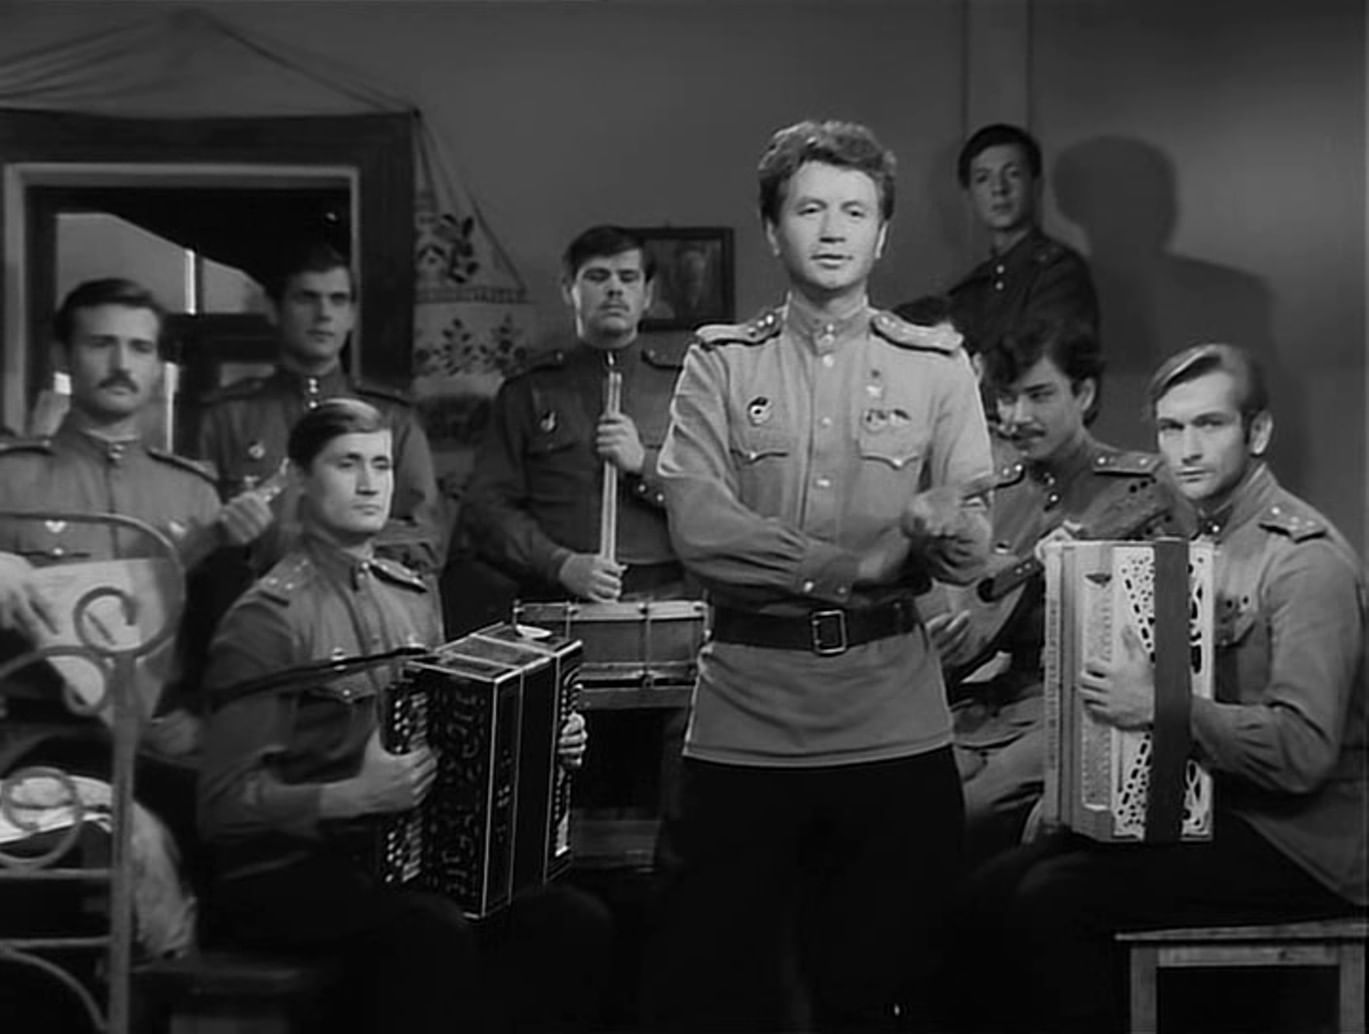 От «бессмертного» сержанта до Патриарха всея Руси: 5 участников Курской битвы. Галерея 3